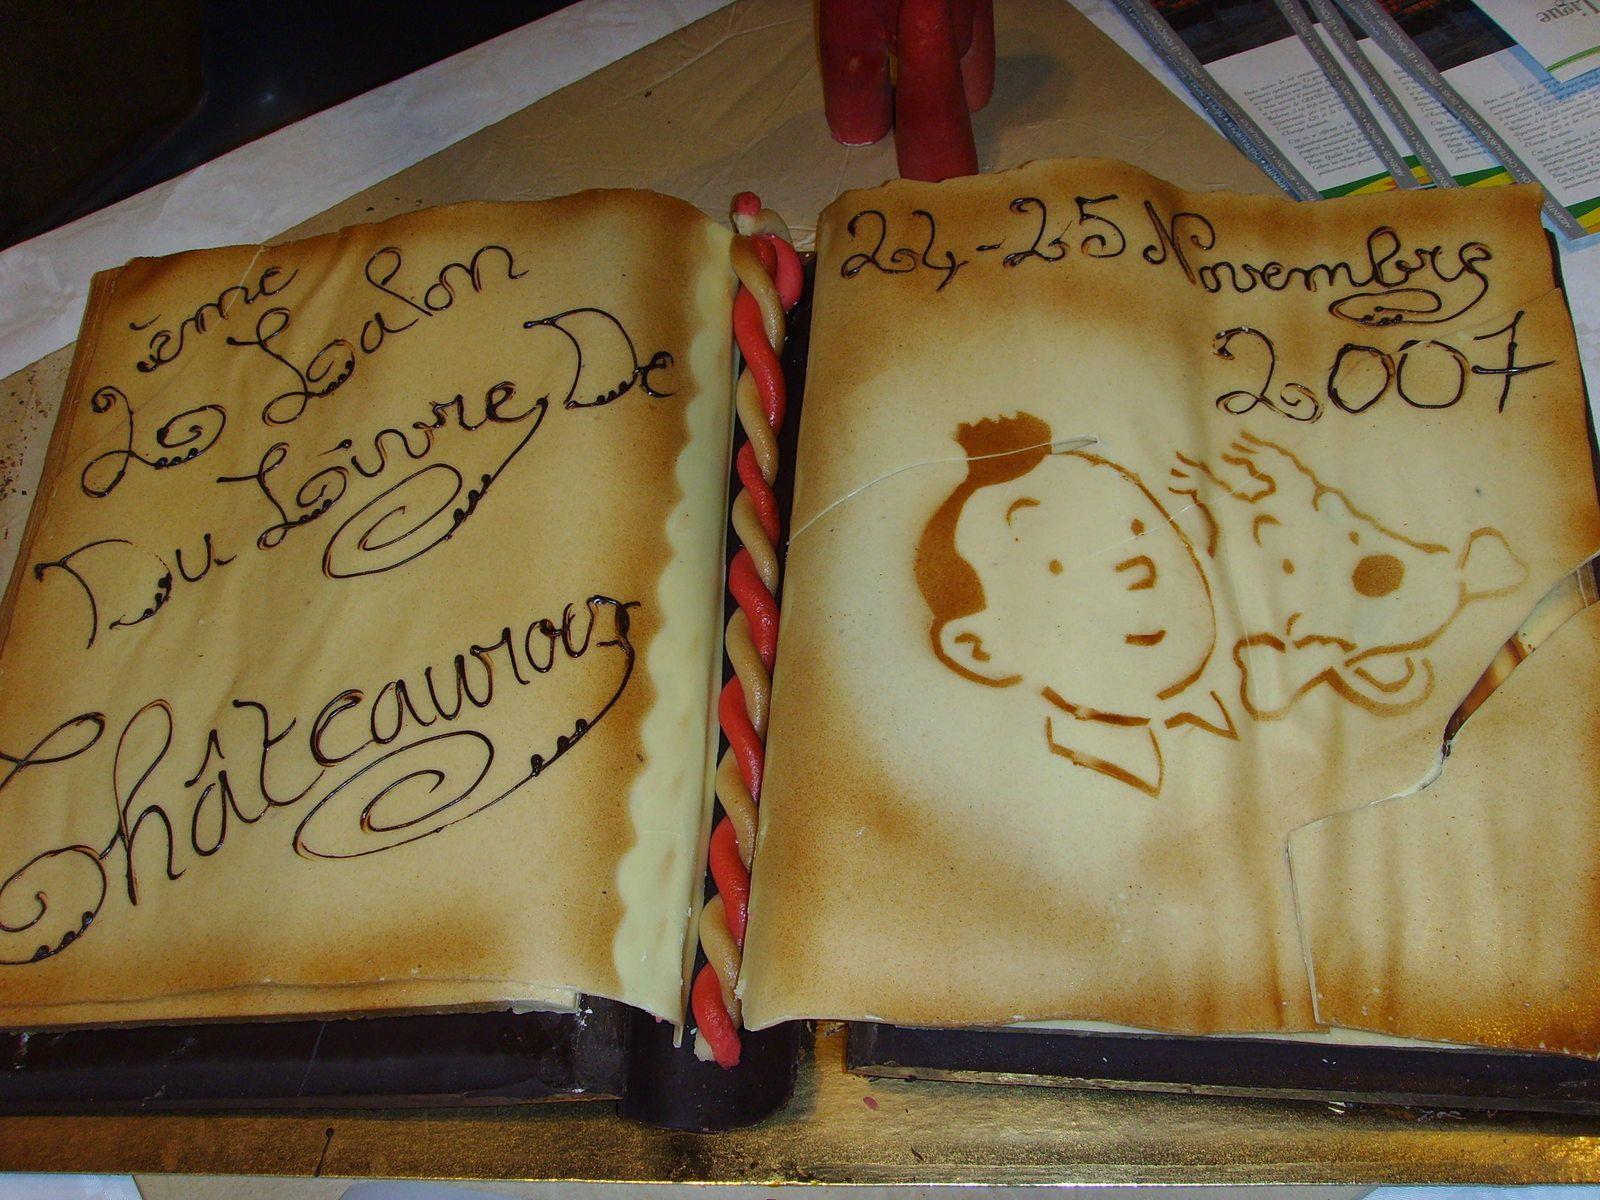 Une belle réalisation des jeunes apprentis pâtissiers du CFA des Métiers pour le Salon du Livre 2007